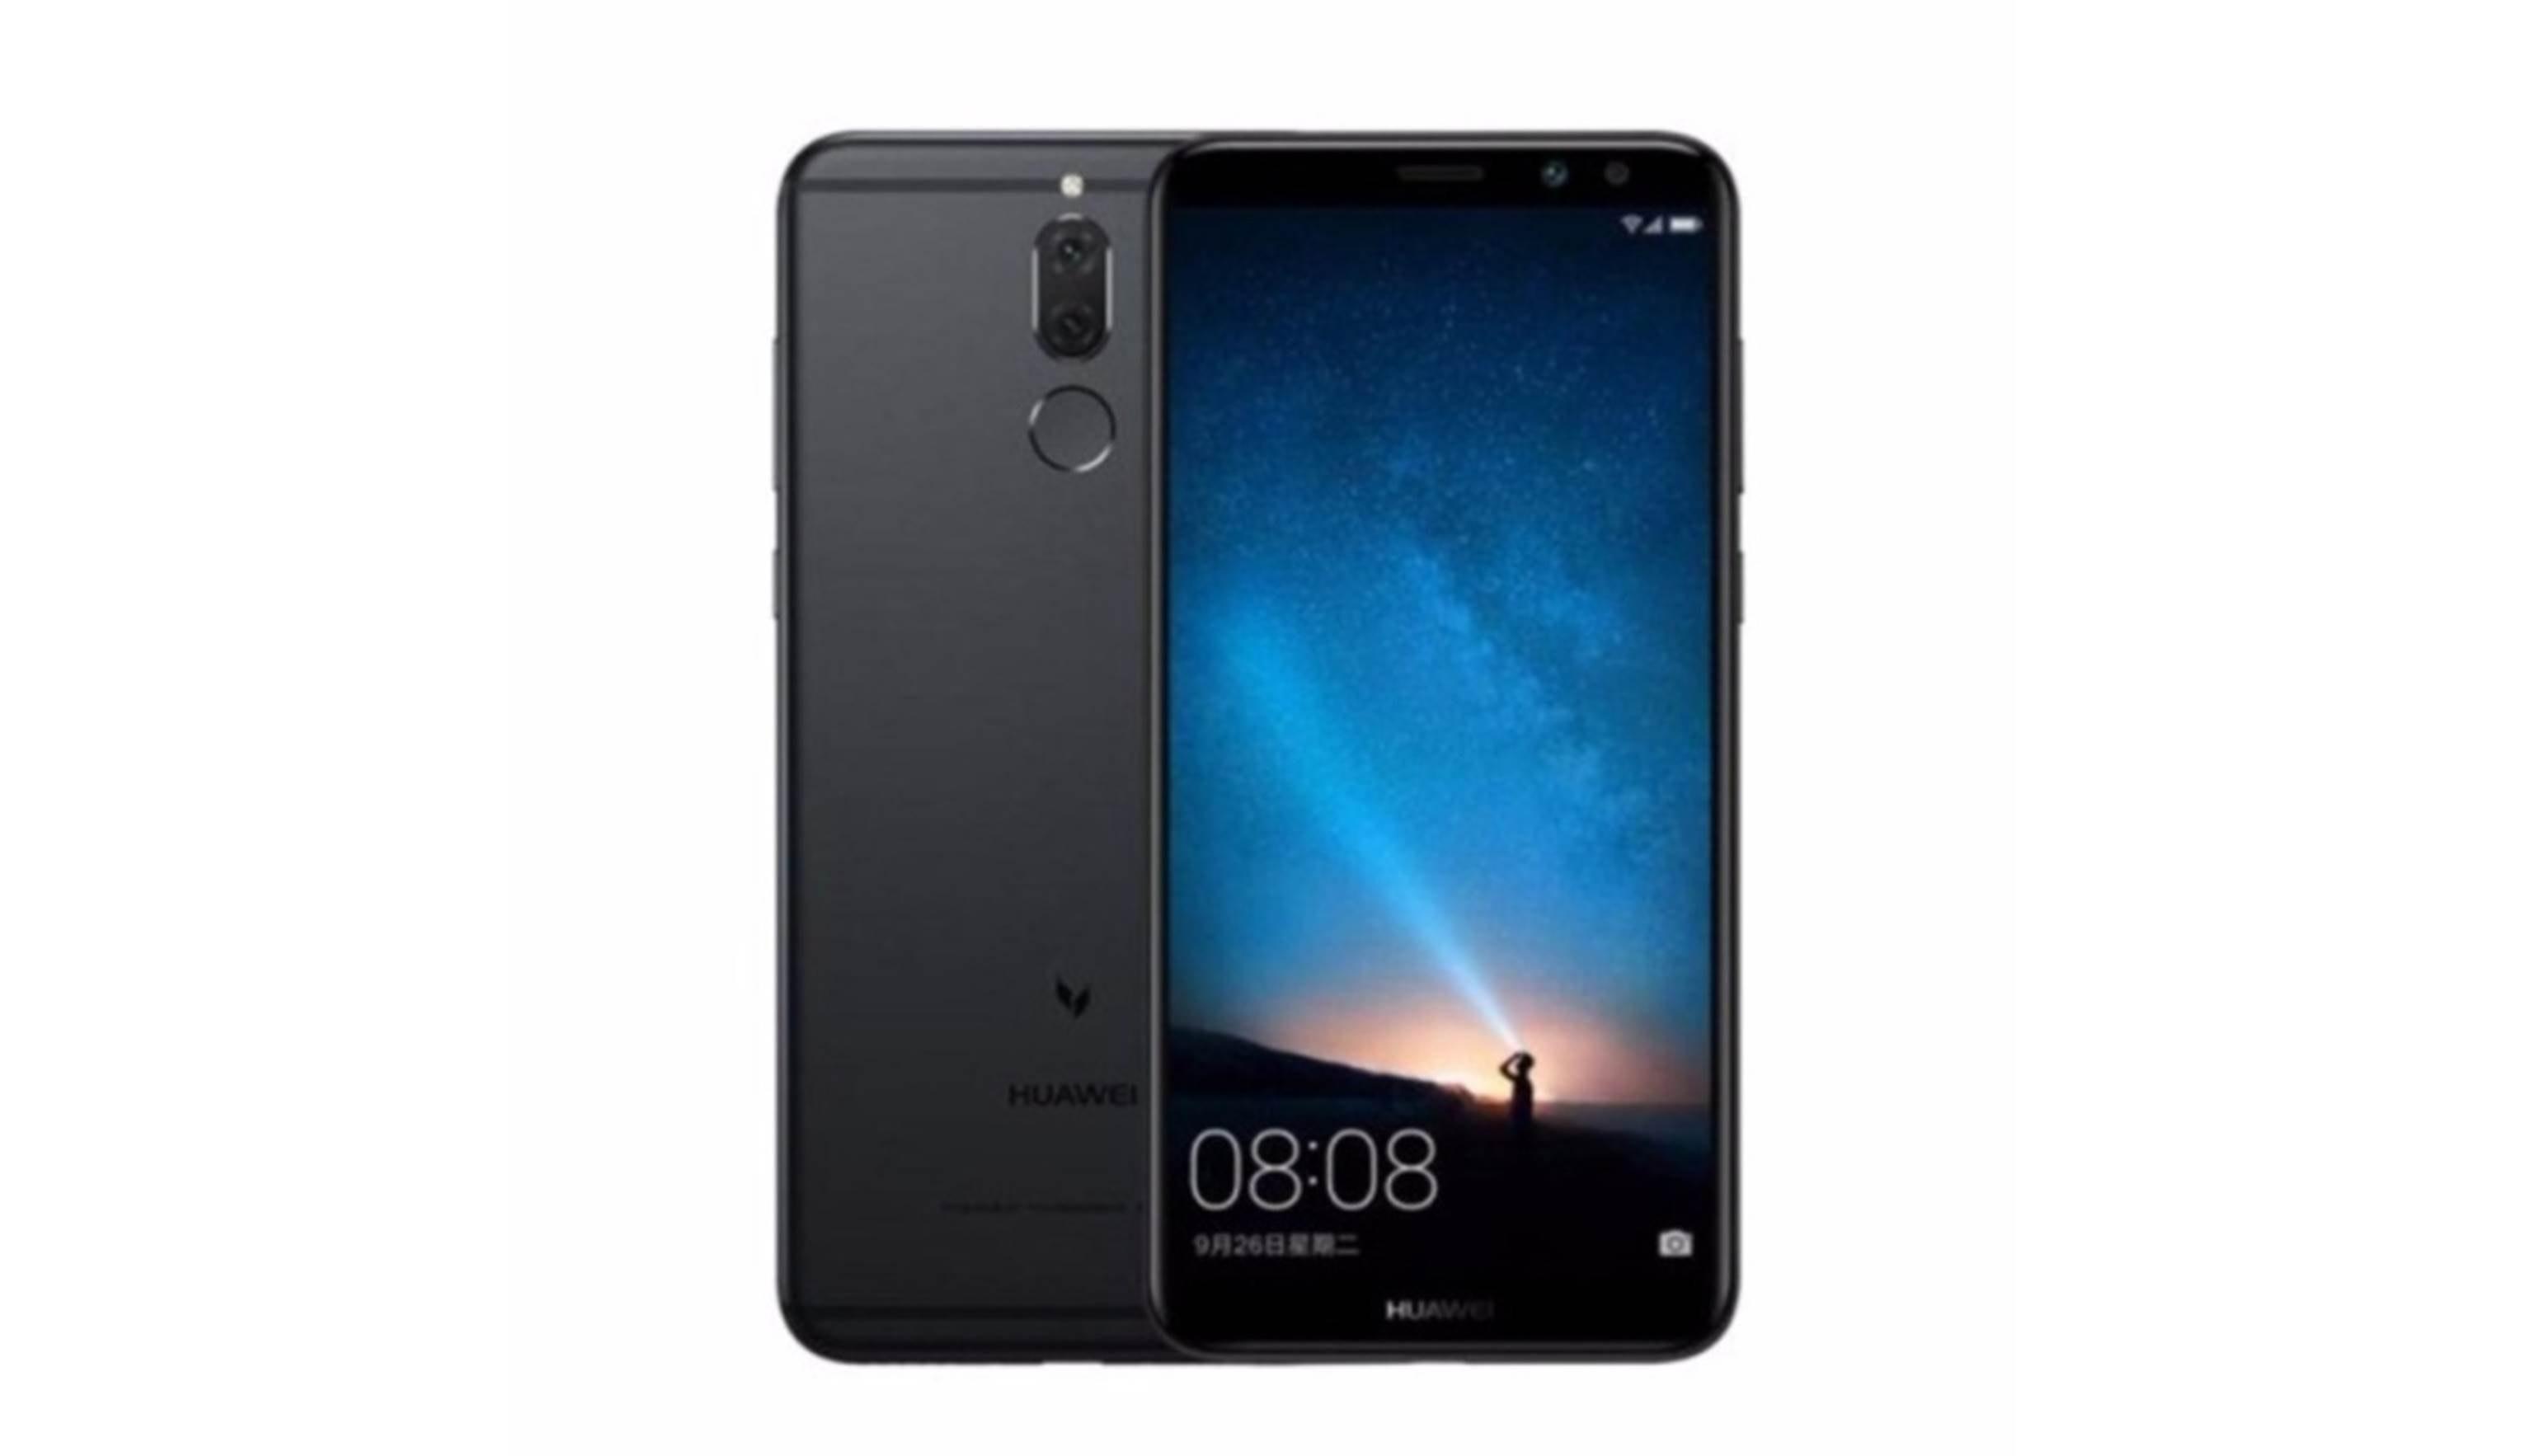 Huawei Nova 2i - Black (1)